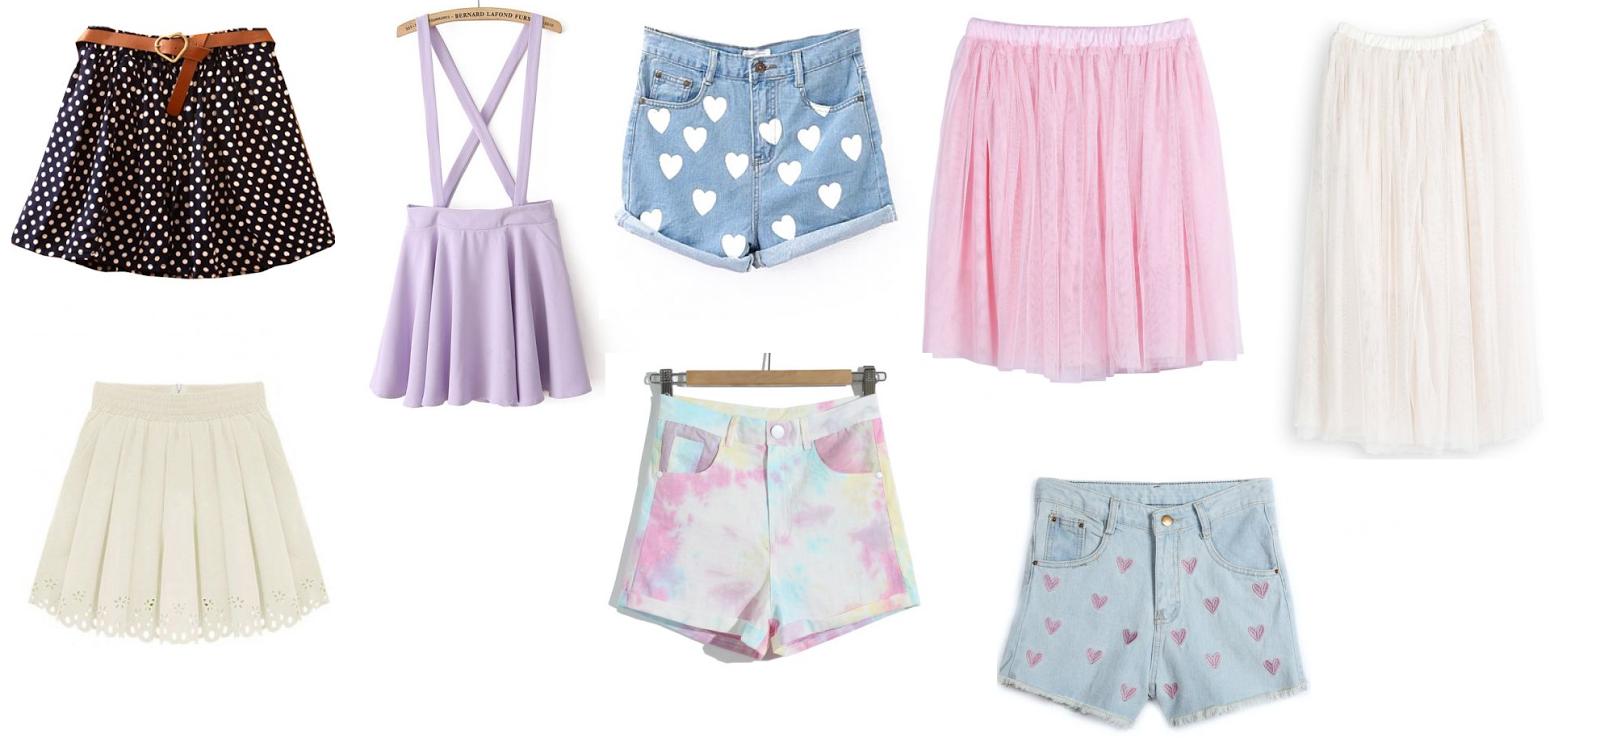 Cute Teens Clothes